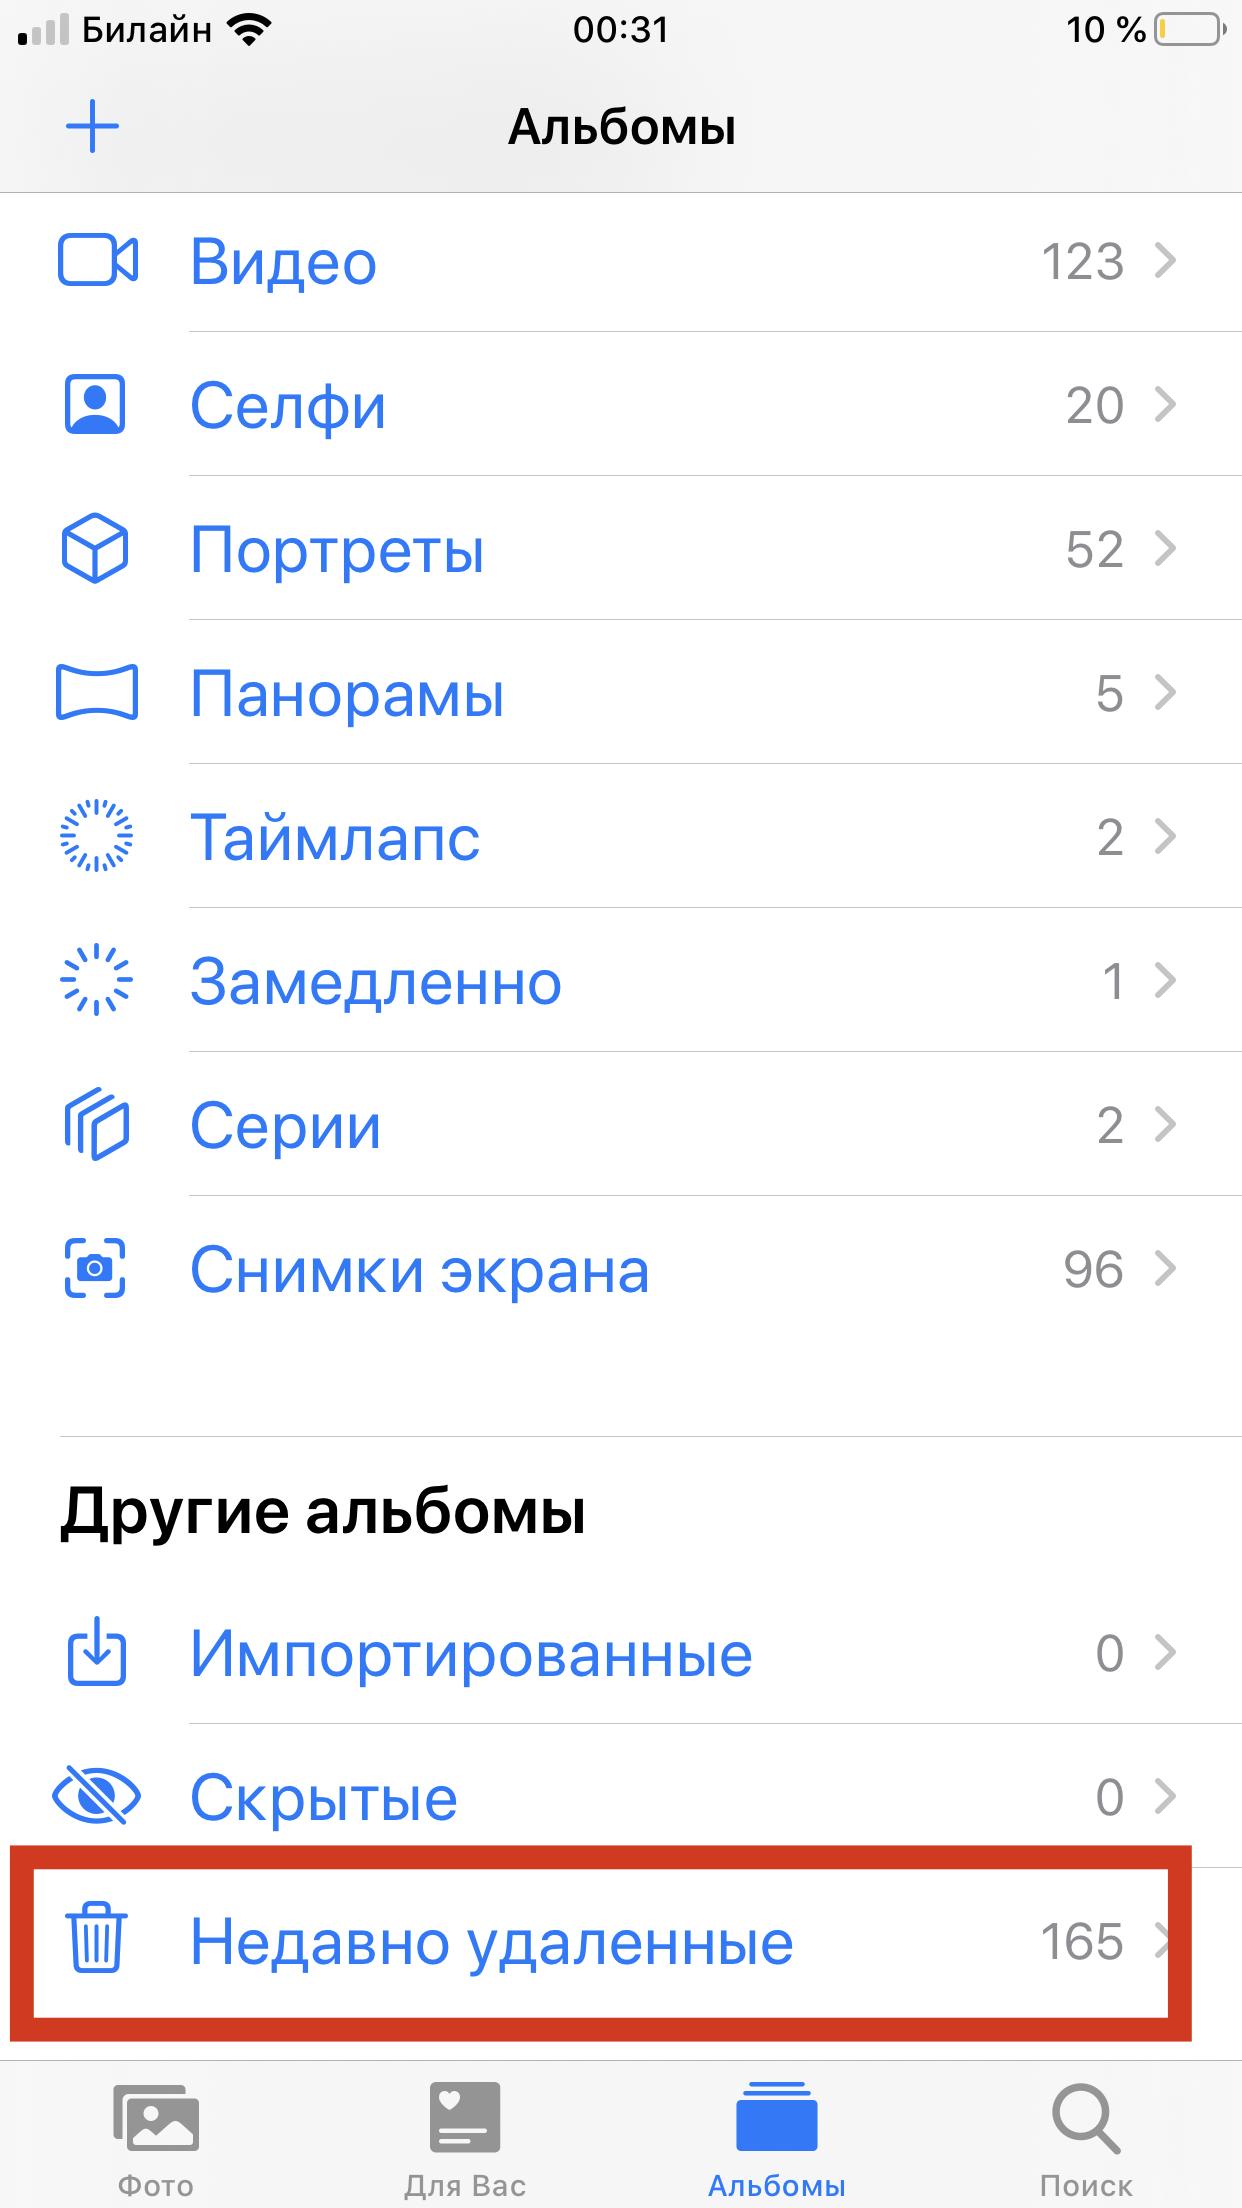 """Папка """"Недавно удаленные"""" в системе смартфона"""